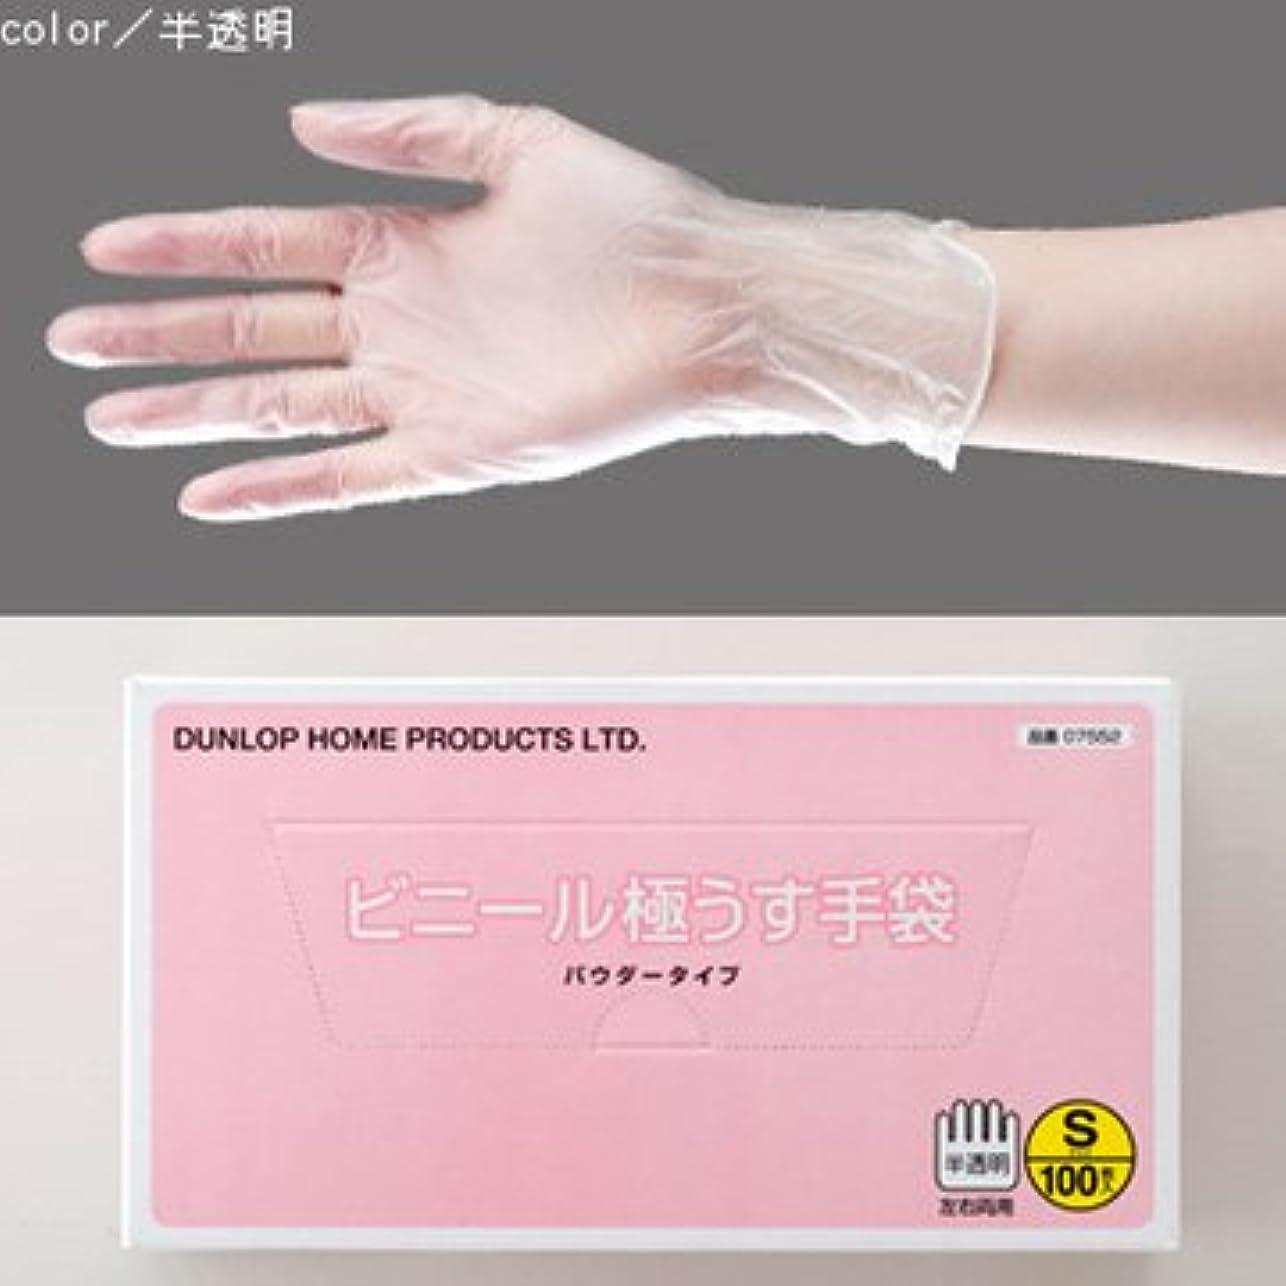 フロンティアライトニングタイヤビニール極うす手袋 100枚入 (M)